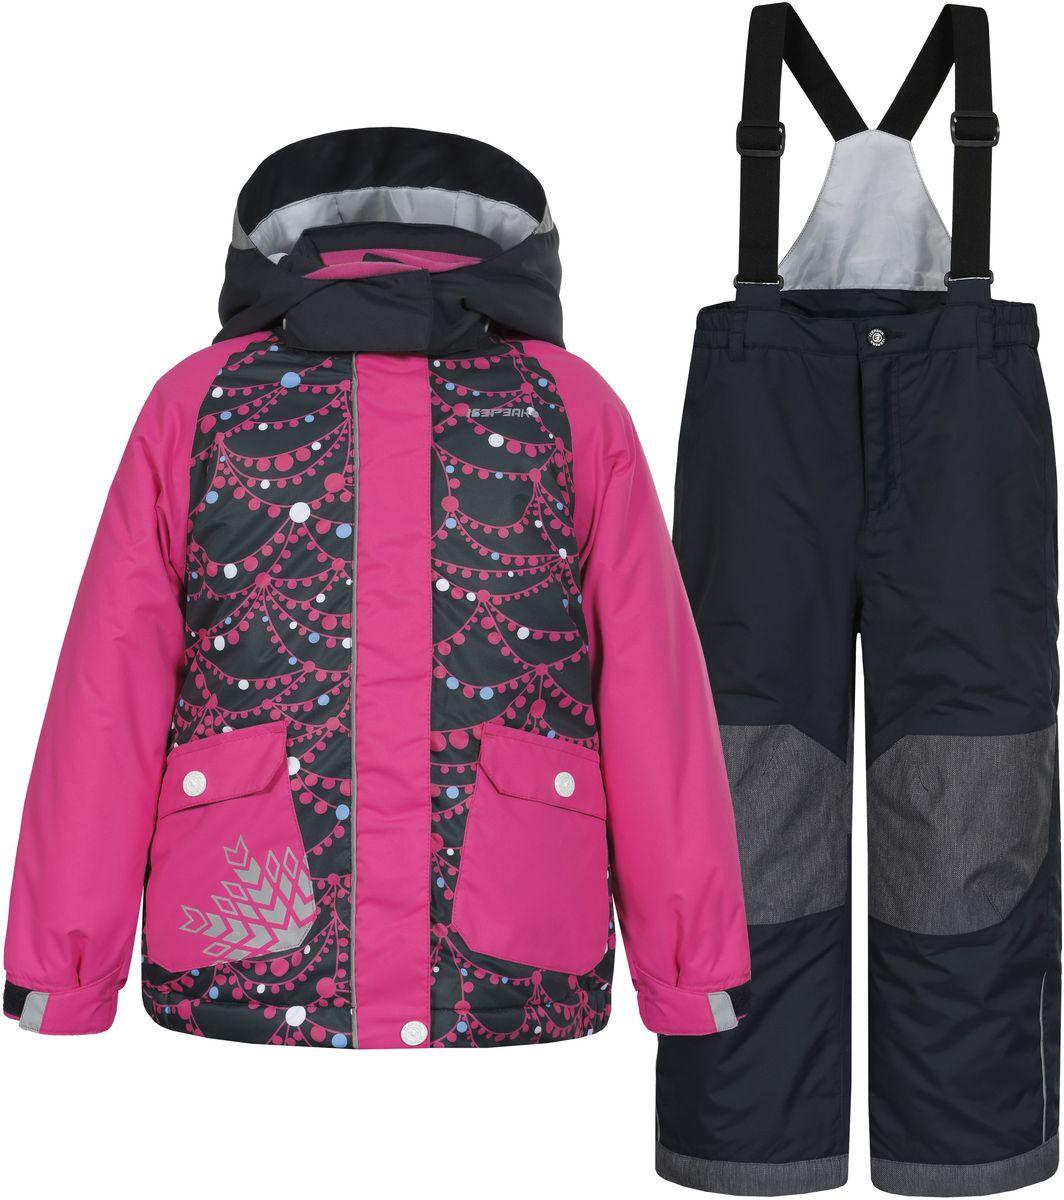 Комплект для девочки Icepeak Jody Kd: куртка, брюки, цвет: розовый, темно-синий. 652102502IV. Размер 110652102502IV_390Комплект для девочки Icepeak Jody Kd выполнен из 100% полиэстера и состоит из куртки и брюк. В качестве подкладки и утеплителя также используется 100% полиэстер. Ткань изготовлена с применением технологии ICEMAX, с водонепроницаемой и воздухопроницаемой мембраной 5000мм/2000 г/м2 /24 ч, которая защищает от ветра и влаги даже в экстремальных условиях. Брюки застегиваются на молнию и пуговицу. Подкладка брюк выполнена из гладкой ткани. Изделие дополнено эластичными наплечными лямками, регулируемыми по длине. На талии по бокам предусмотрена широкая эластичная резинка. Снизу брючин предусмотрены муфты с прорезиненными полосками, препятствующие попаданию снега в обувь и не дающие брючинам задираться вверх. Куртка со съемным капюшоном и воротником-стойкой застегивается на пластиковую застежку-молнию с защитой для подбородка и дополнительно имеет ветрозащитную планку на липучках и кнопках. Капюшон пристегивается при помощи кнопок. Манжеты рукавов дополнены эластичными резинками и регулируются по ширине за счет хлястиков с липучками. Спереди модель дополнена двумя накладными карманами на застежках-кнопках. Комплект оснащен светоотражающими элементами.